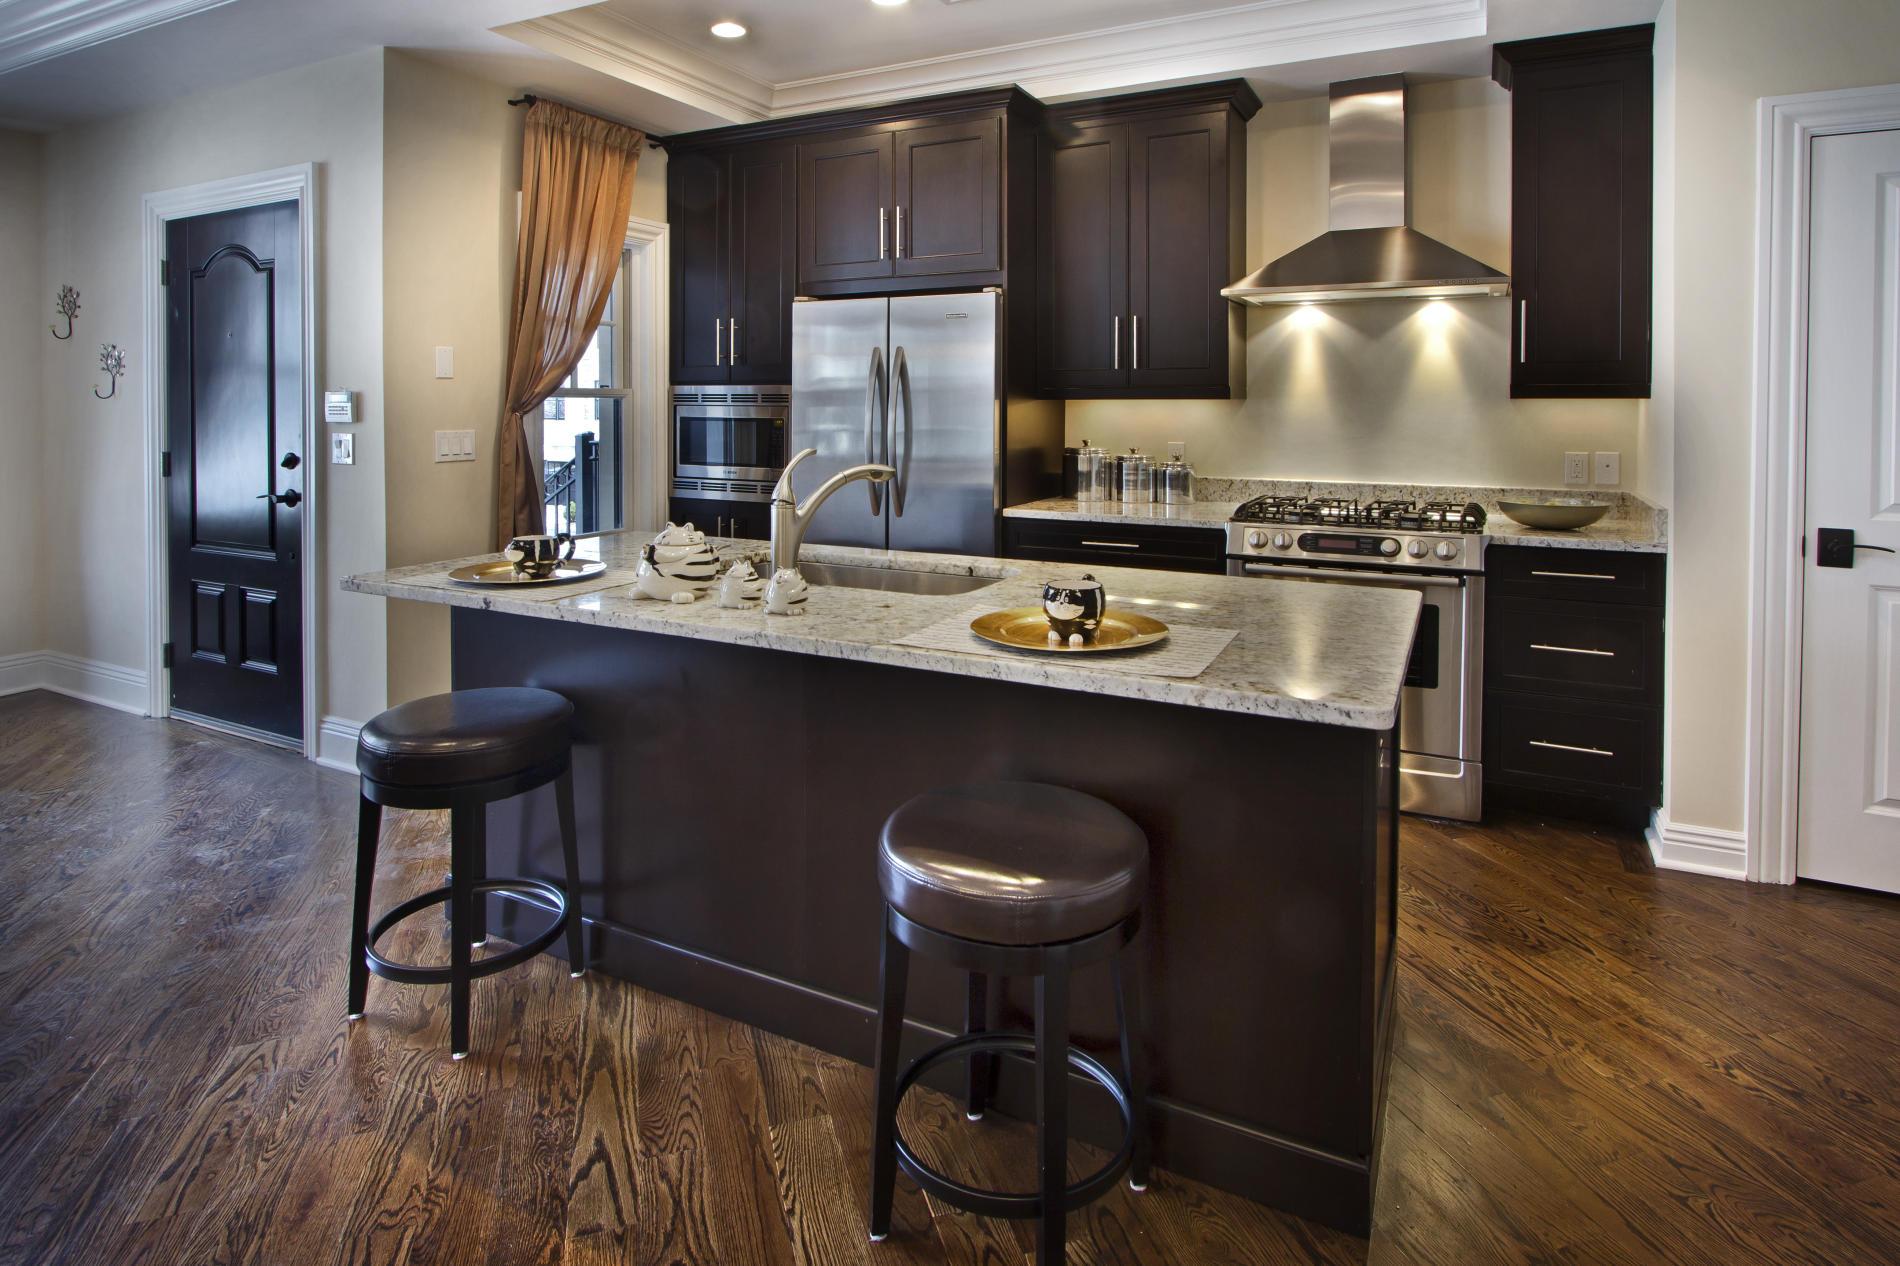 дизайн кухни в доме.jpg